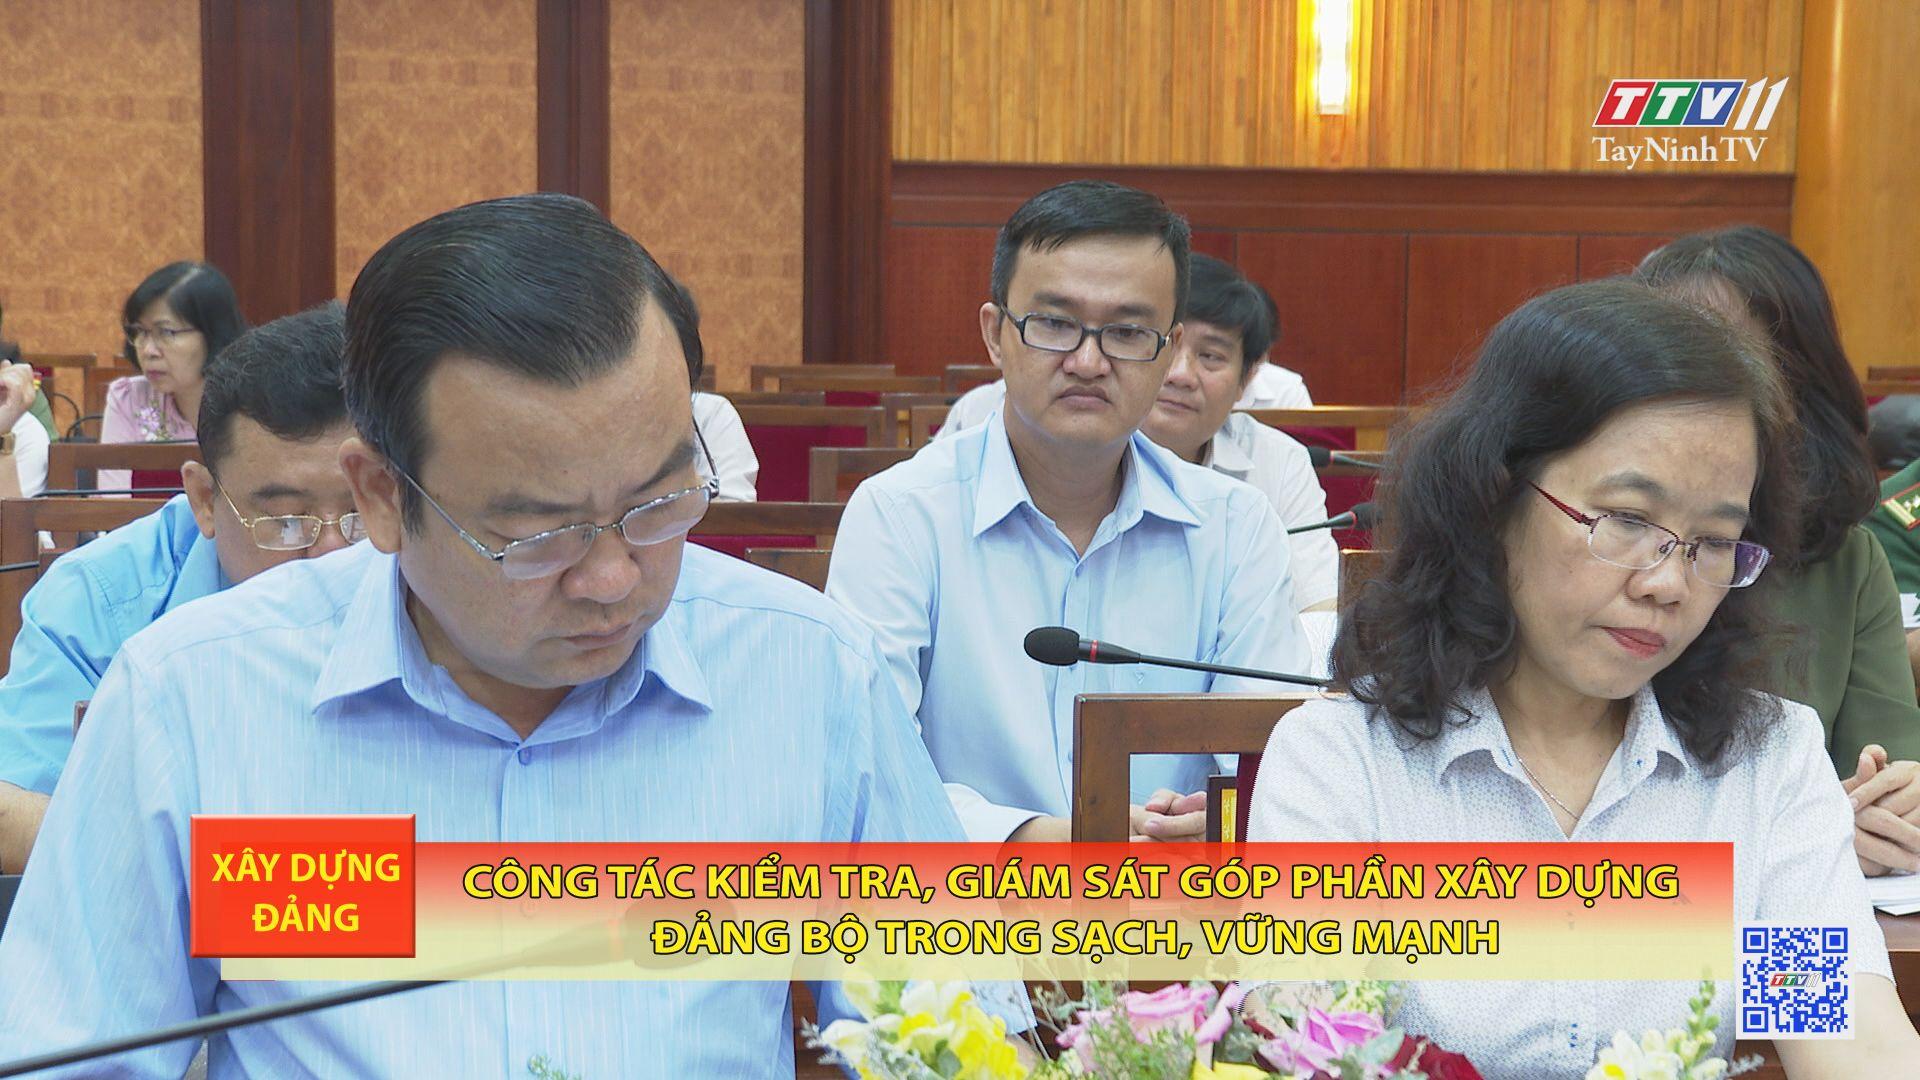 Công tác kiểm tra, giám sát góp phần xây dựng Đảng bộ trong sạch, vững mạnh | XÂY DỰNG ĐẢNG | TayNinhTV